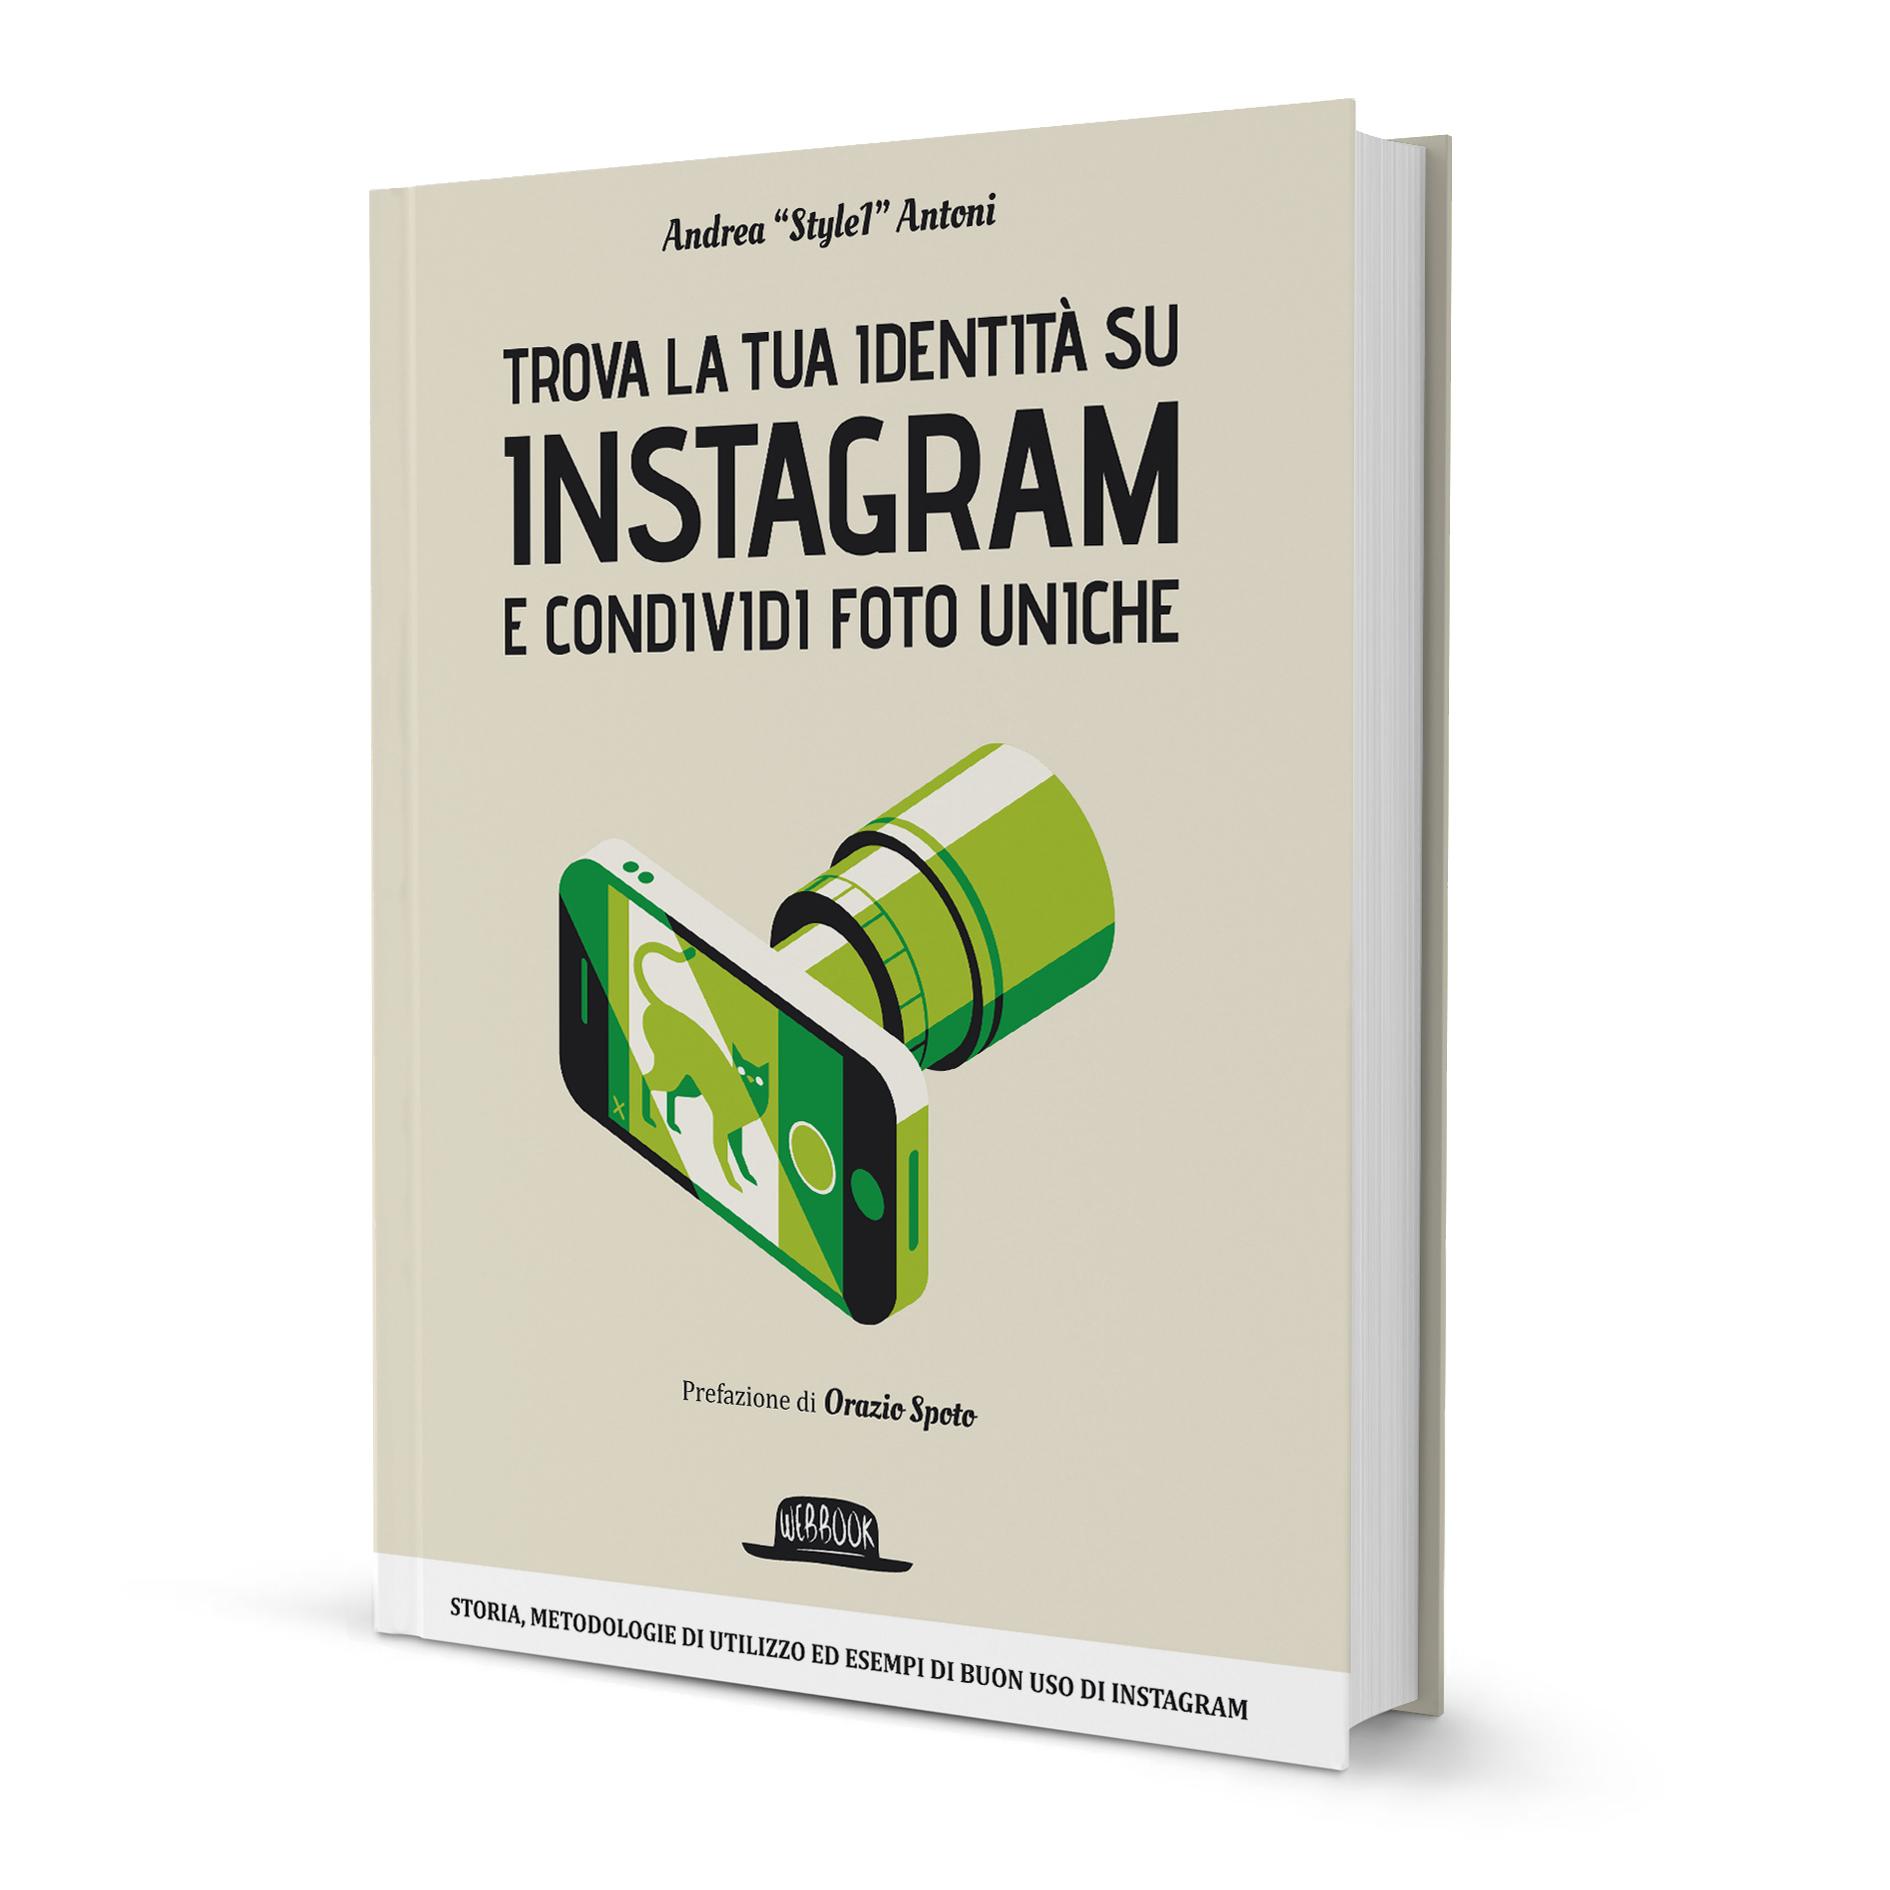 Sito di incontri utilizzando Instagram